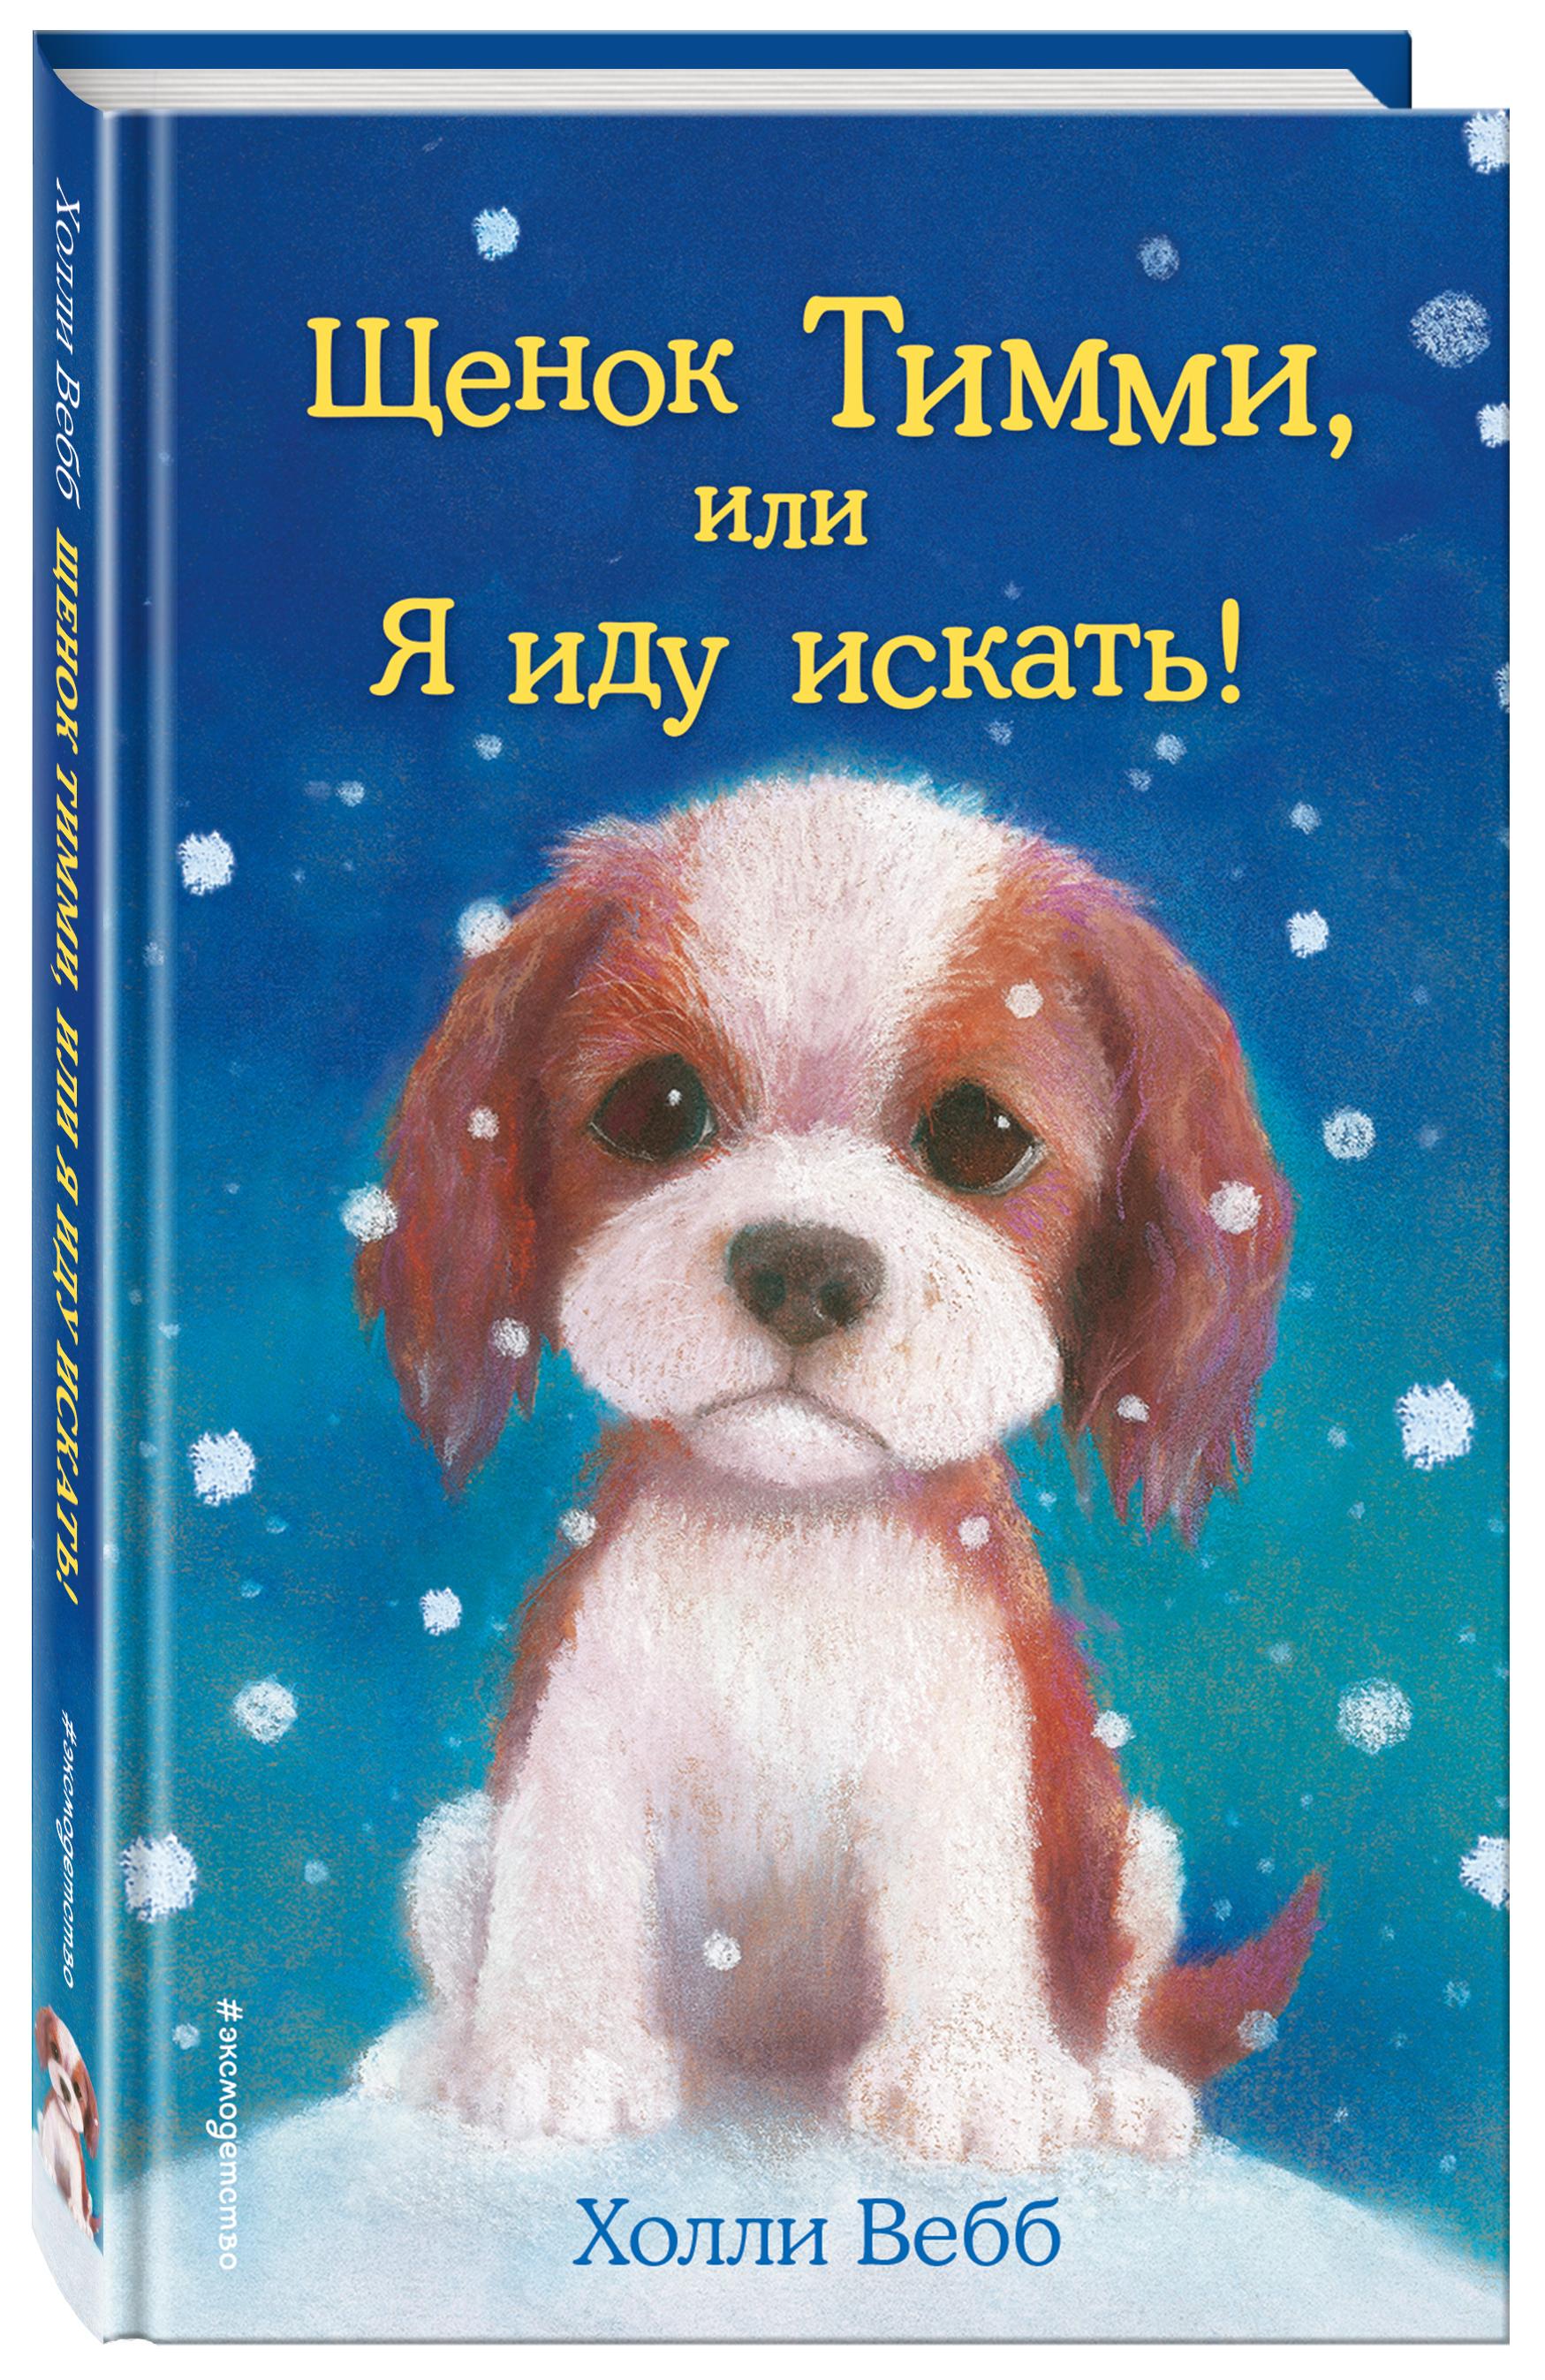 Холли Вебб Щенок Тимми, или Я иду искать! (выпуск 16) художественные книги эксмо книга щенок тимми или я иду искать